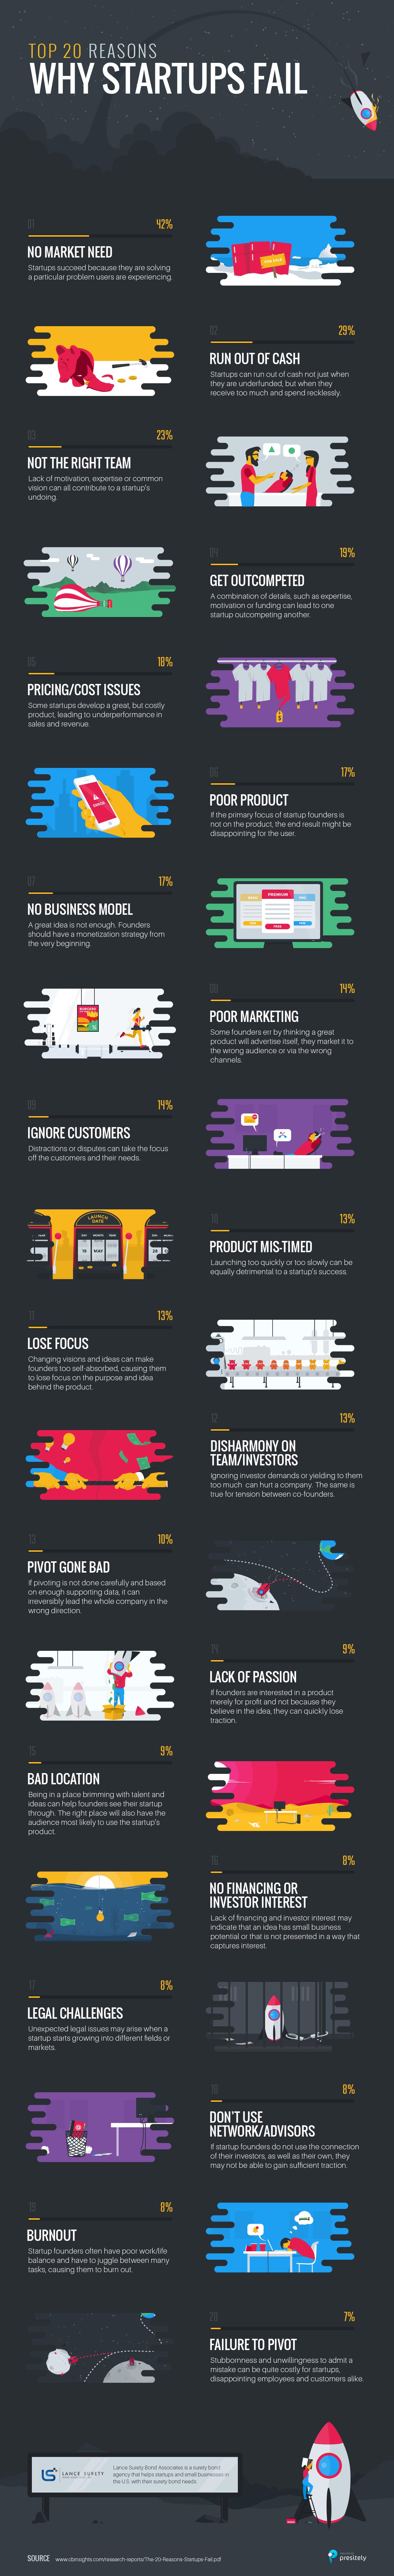 ٢٠ سبب يؤدي إلى وقوع شركتك